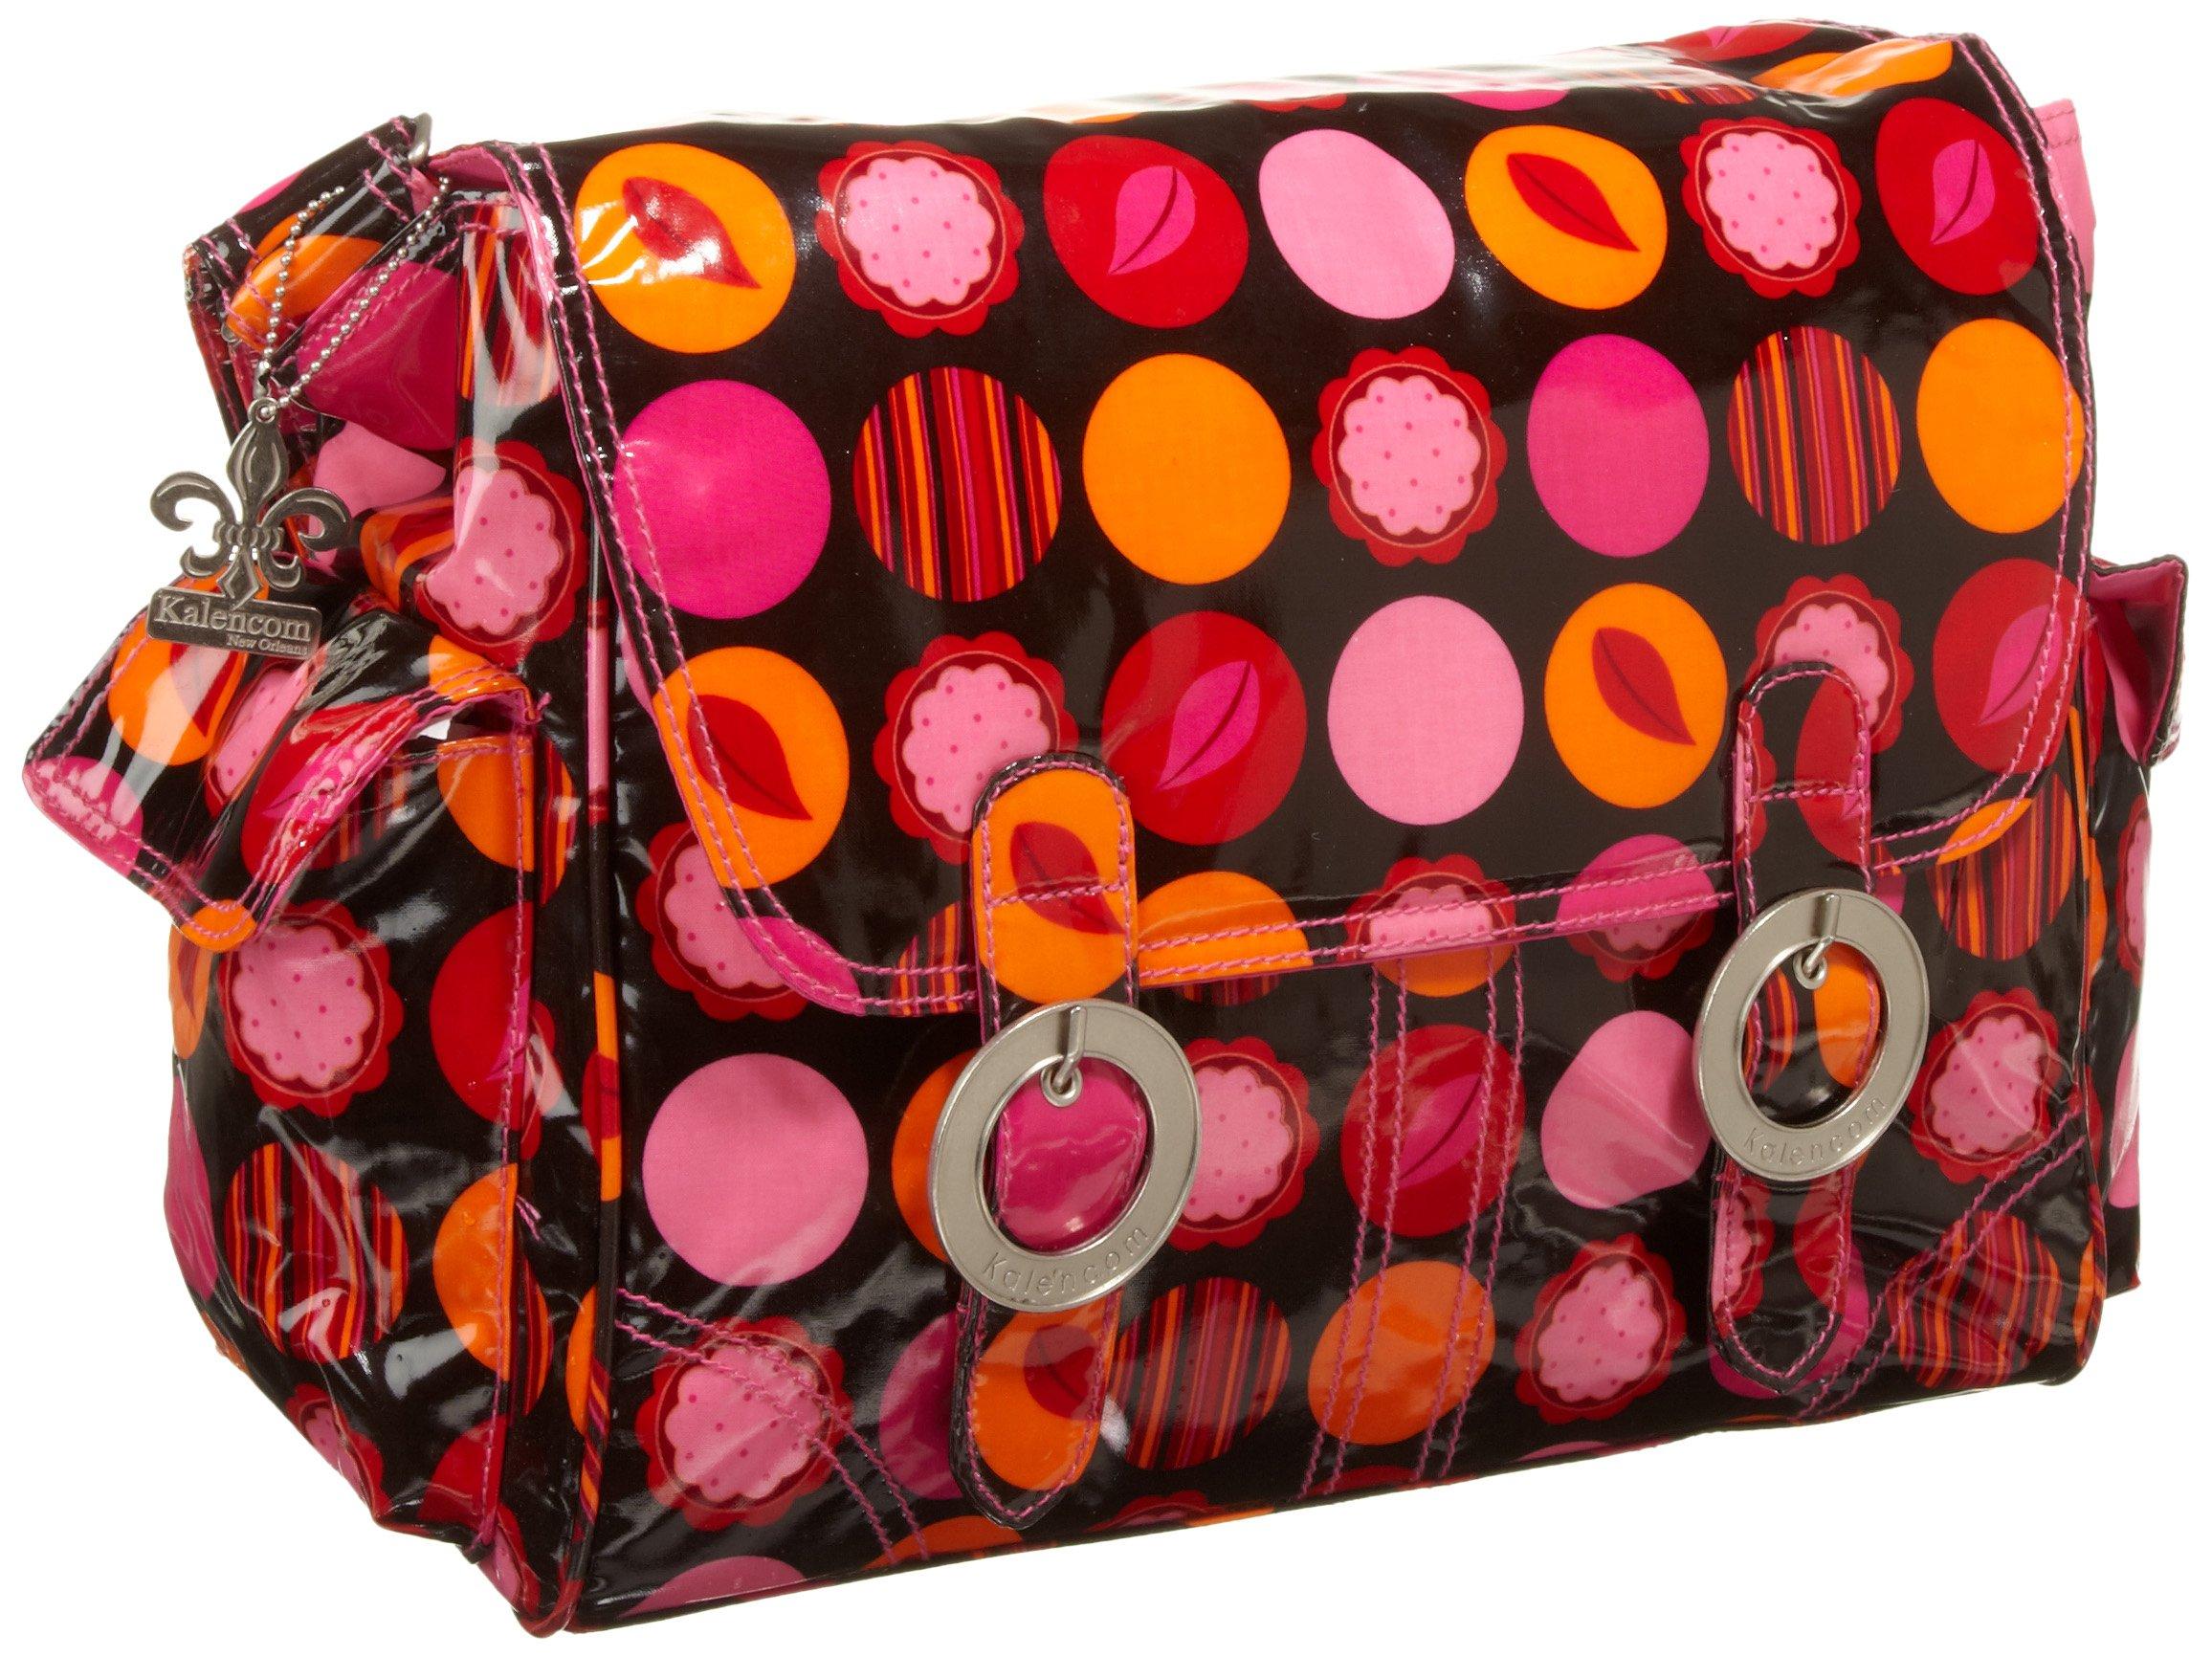 Kalencom Coated Double Buckle Bag, Mod Dots Fire by Kalencom (Image #1)